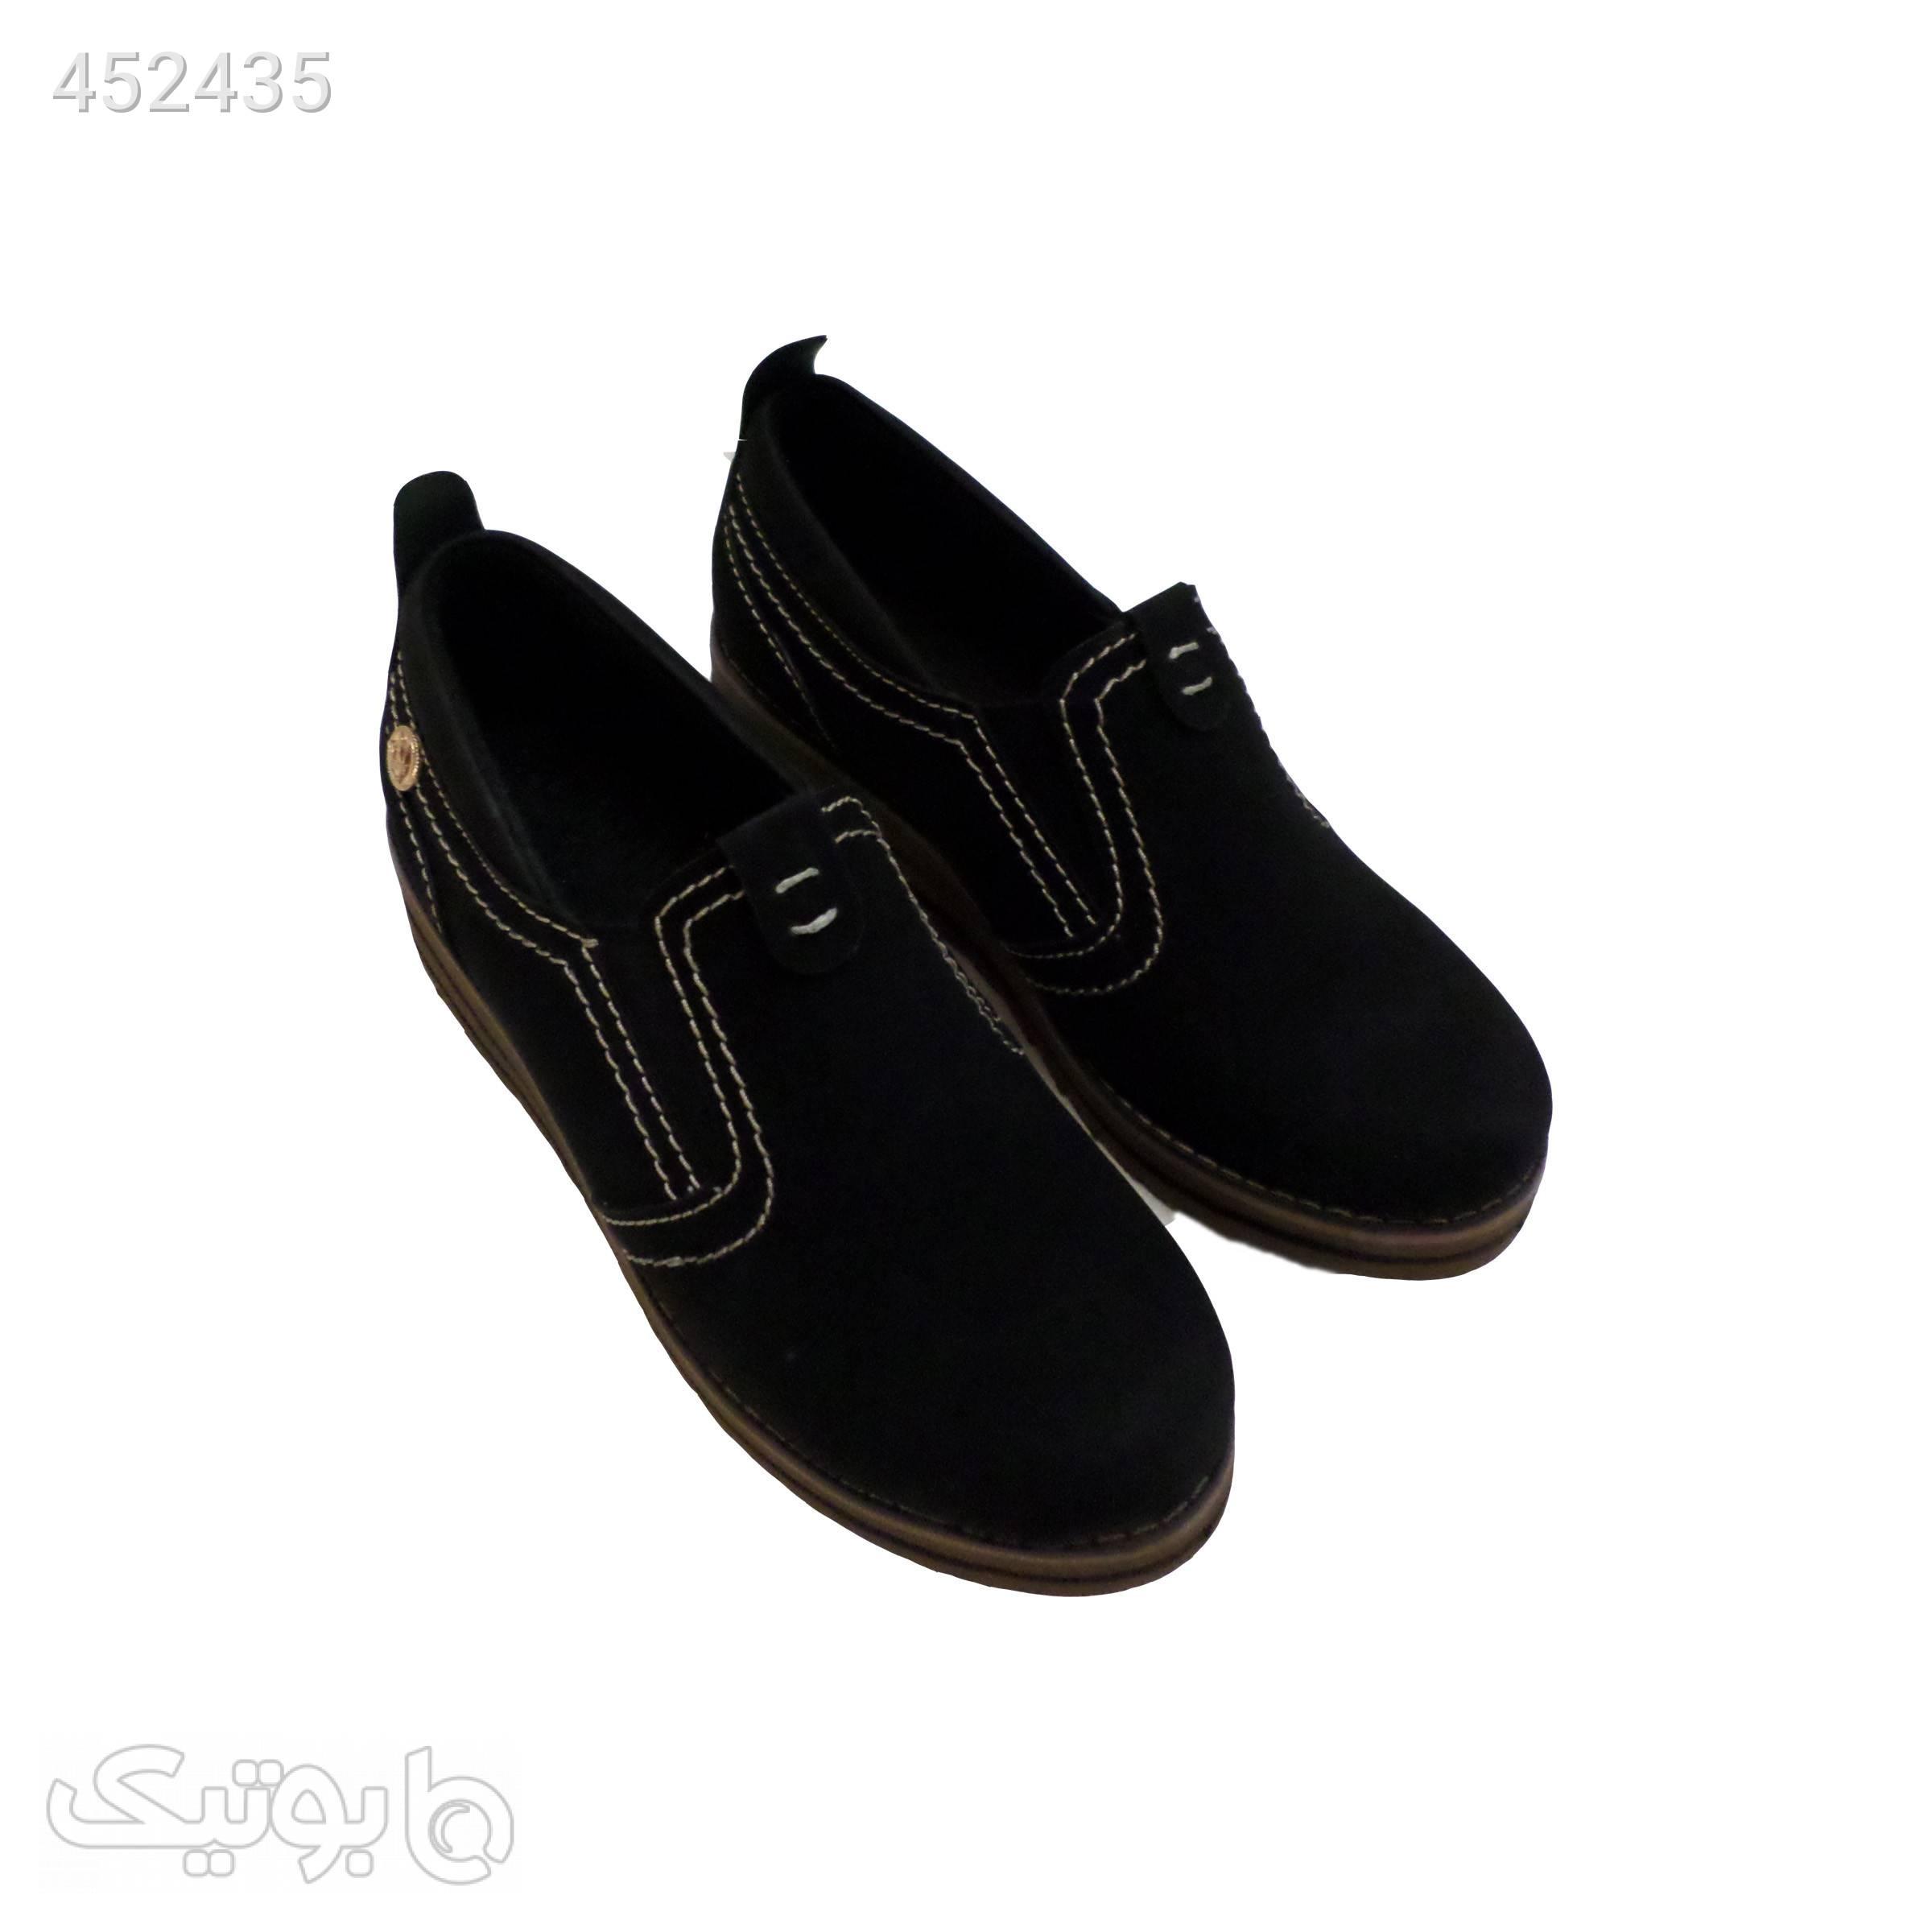 کفش زنانه مدل کوبا مشکی كفش زنانه